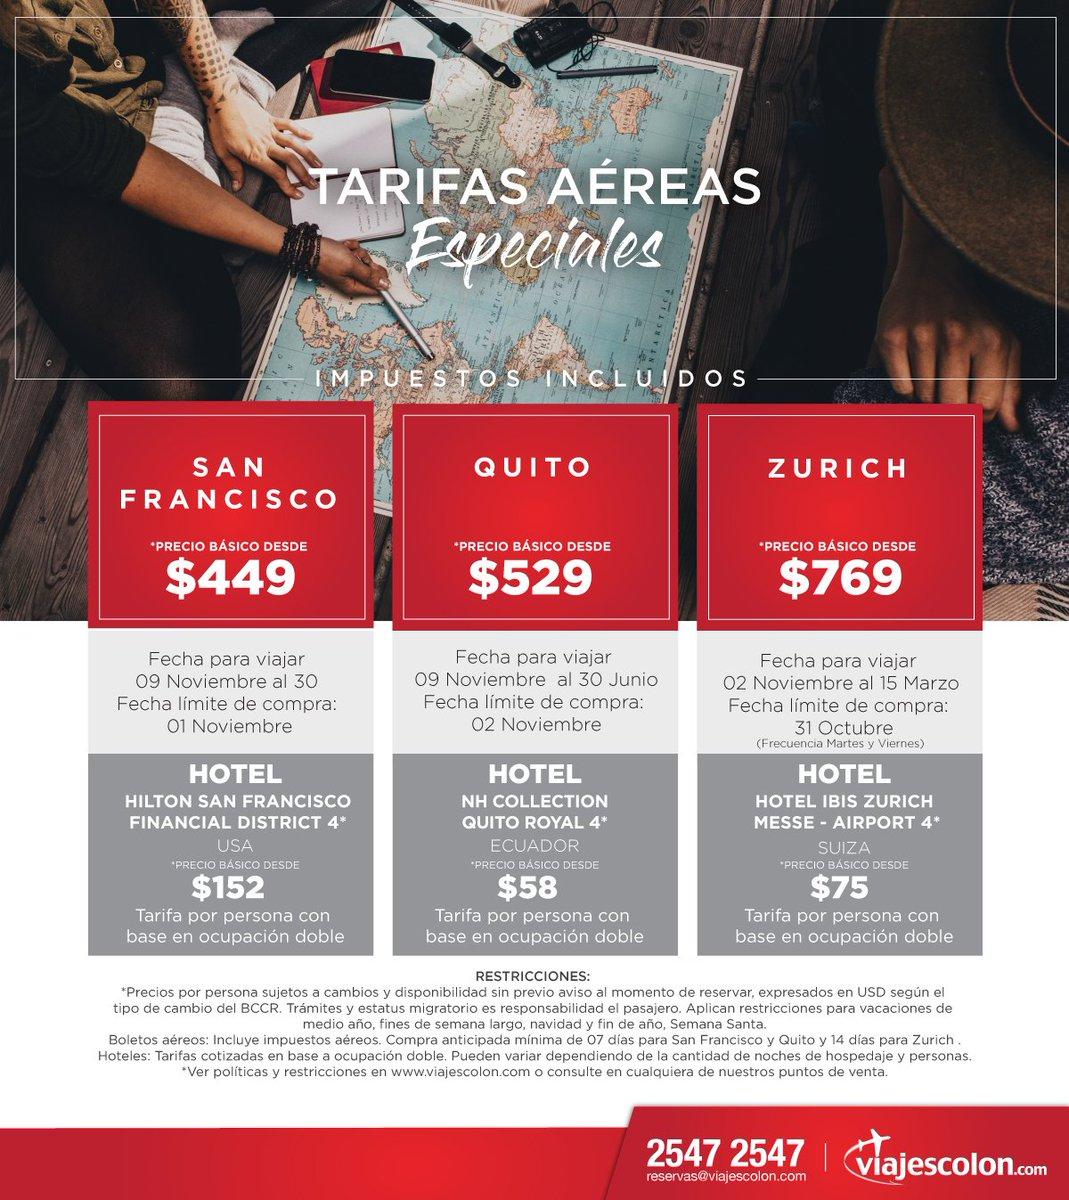 ¡La ciudad de San Francisco más cerca! *Precio básico desde $449.    https://t.co/oOCsf2m8RM reservas@viajescolon.com #Vuelos #Quito #Zurich https://t.co/gtsTYi1Wv5